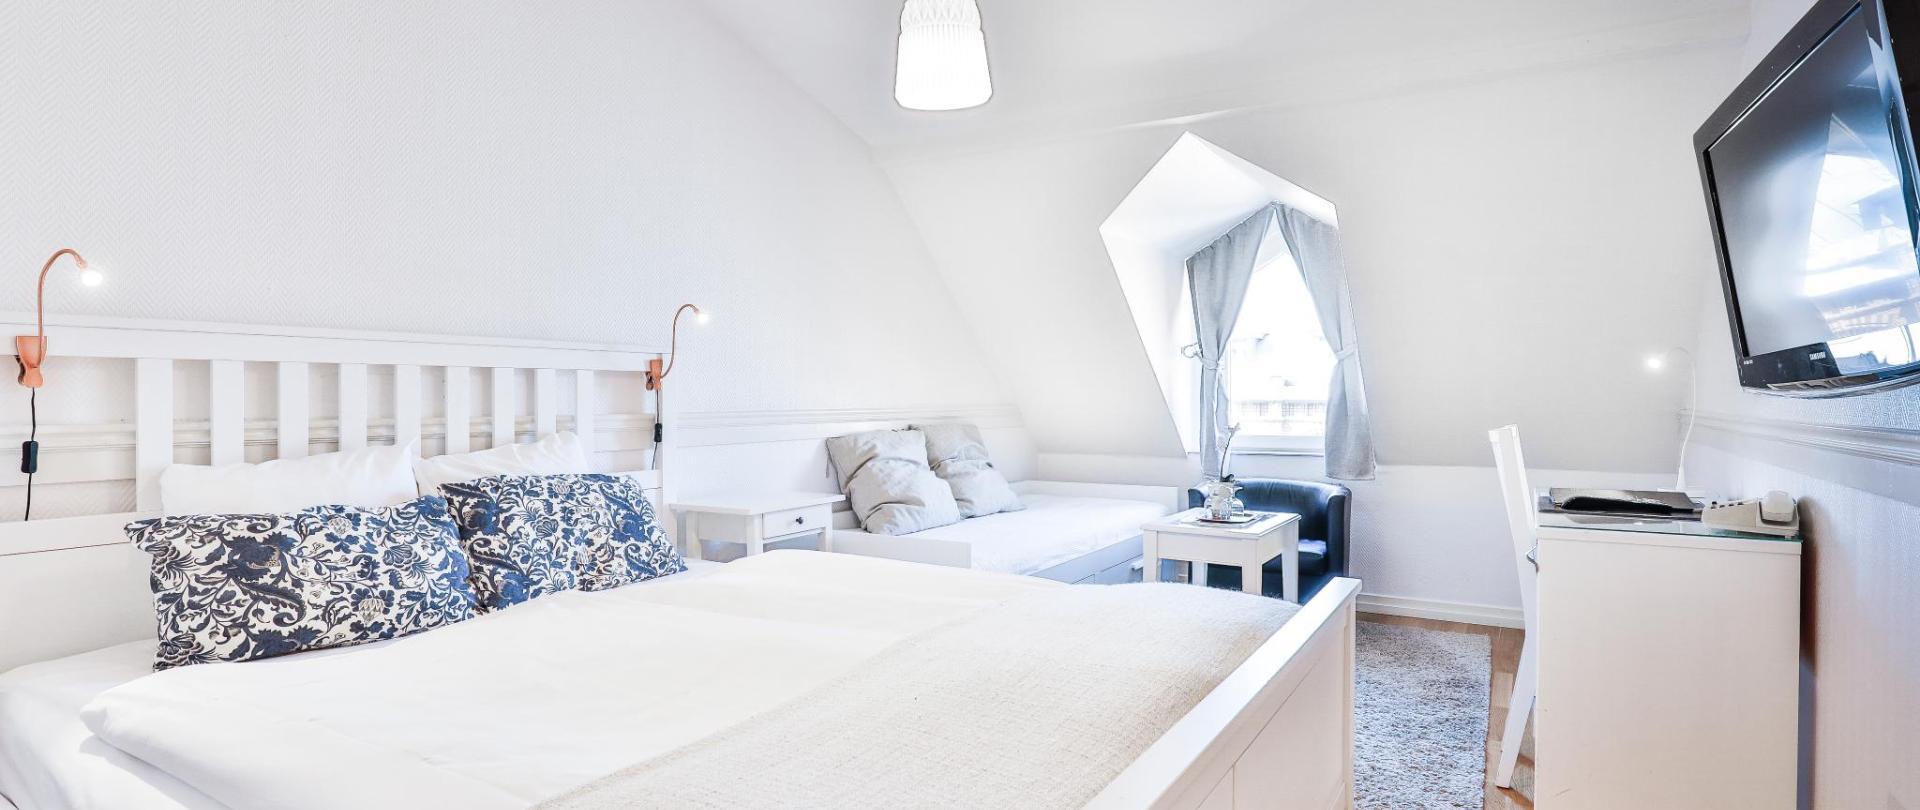 poseidon_hotell020517_0205.jpg